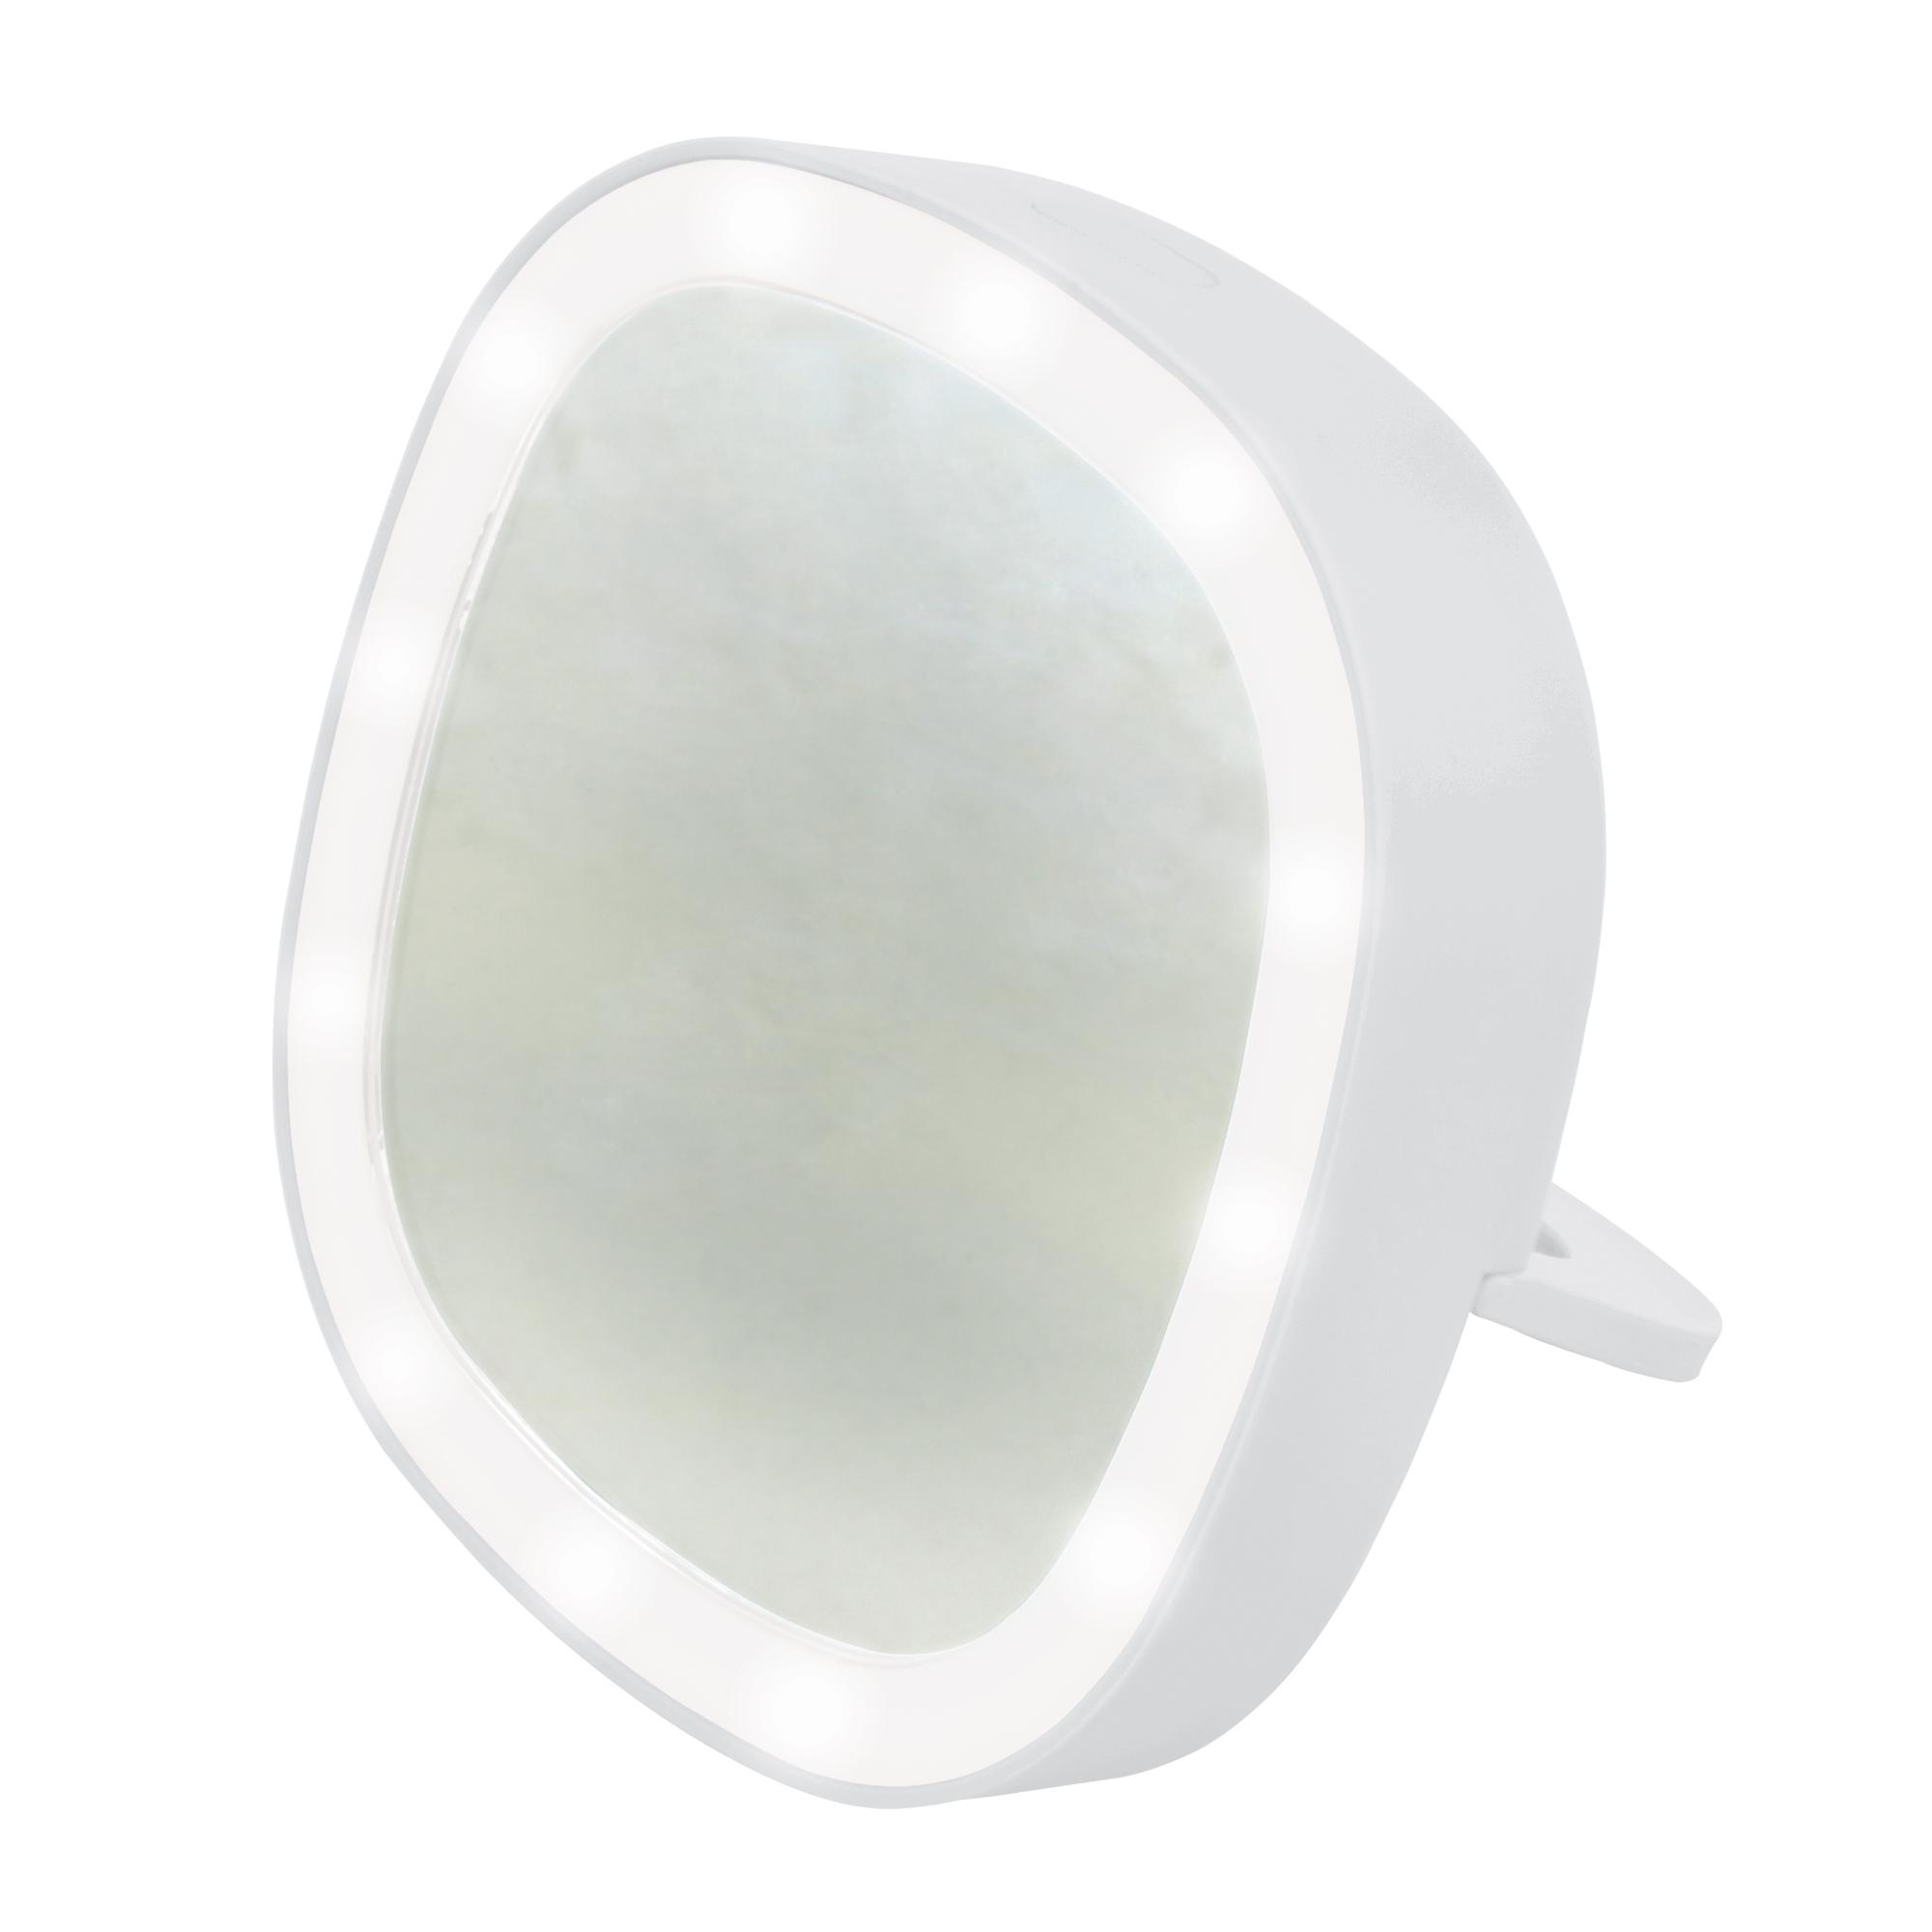 Зеркало Uniel карманное с подсветкой ULK-F71 3AAA WHITE